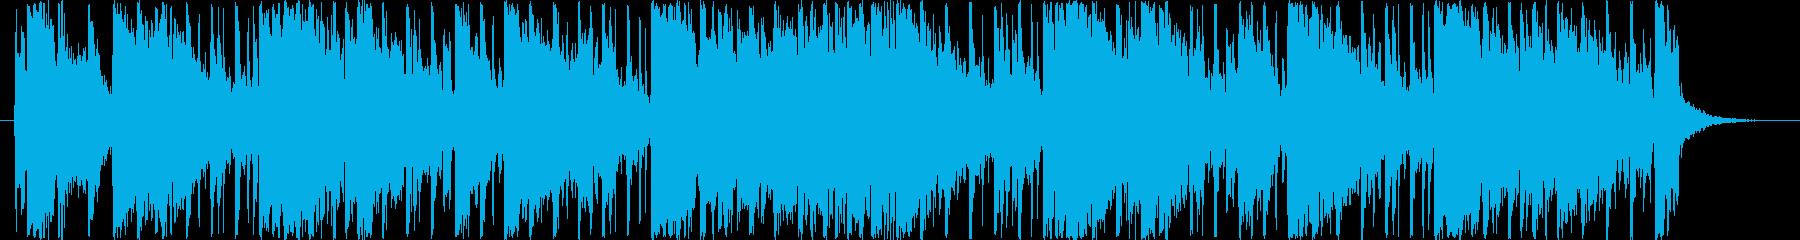 エレクトロニカ & ポップの再生済みの波形